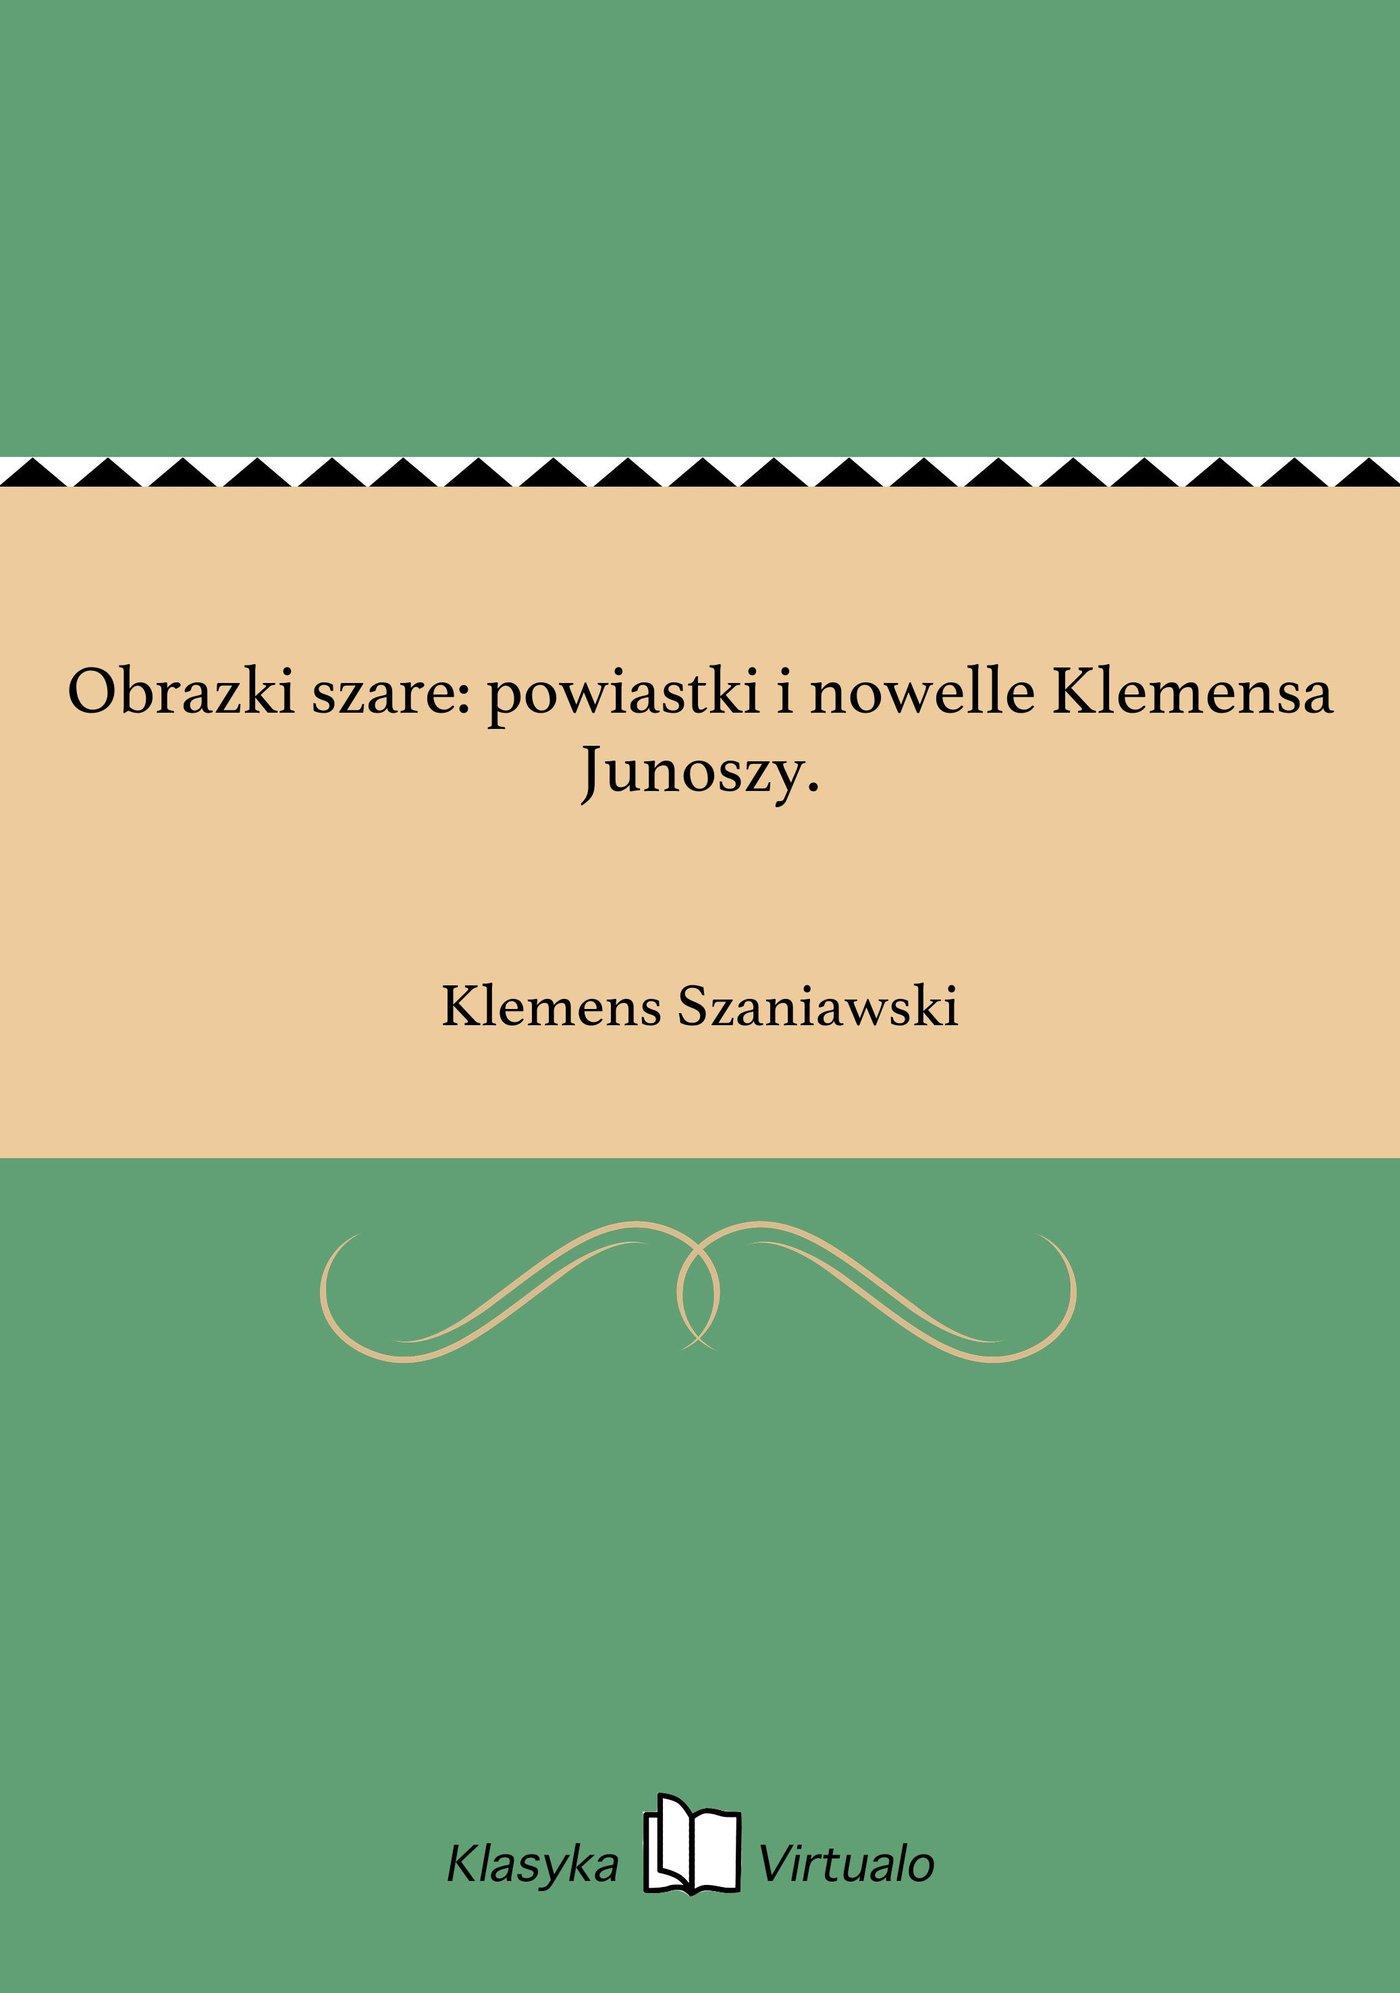 Obrazki szare: powiastki i nowelle Klemensa Junoszy. - Ebook (Książka na Kindle) do pobrania w formacie MOBI